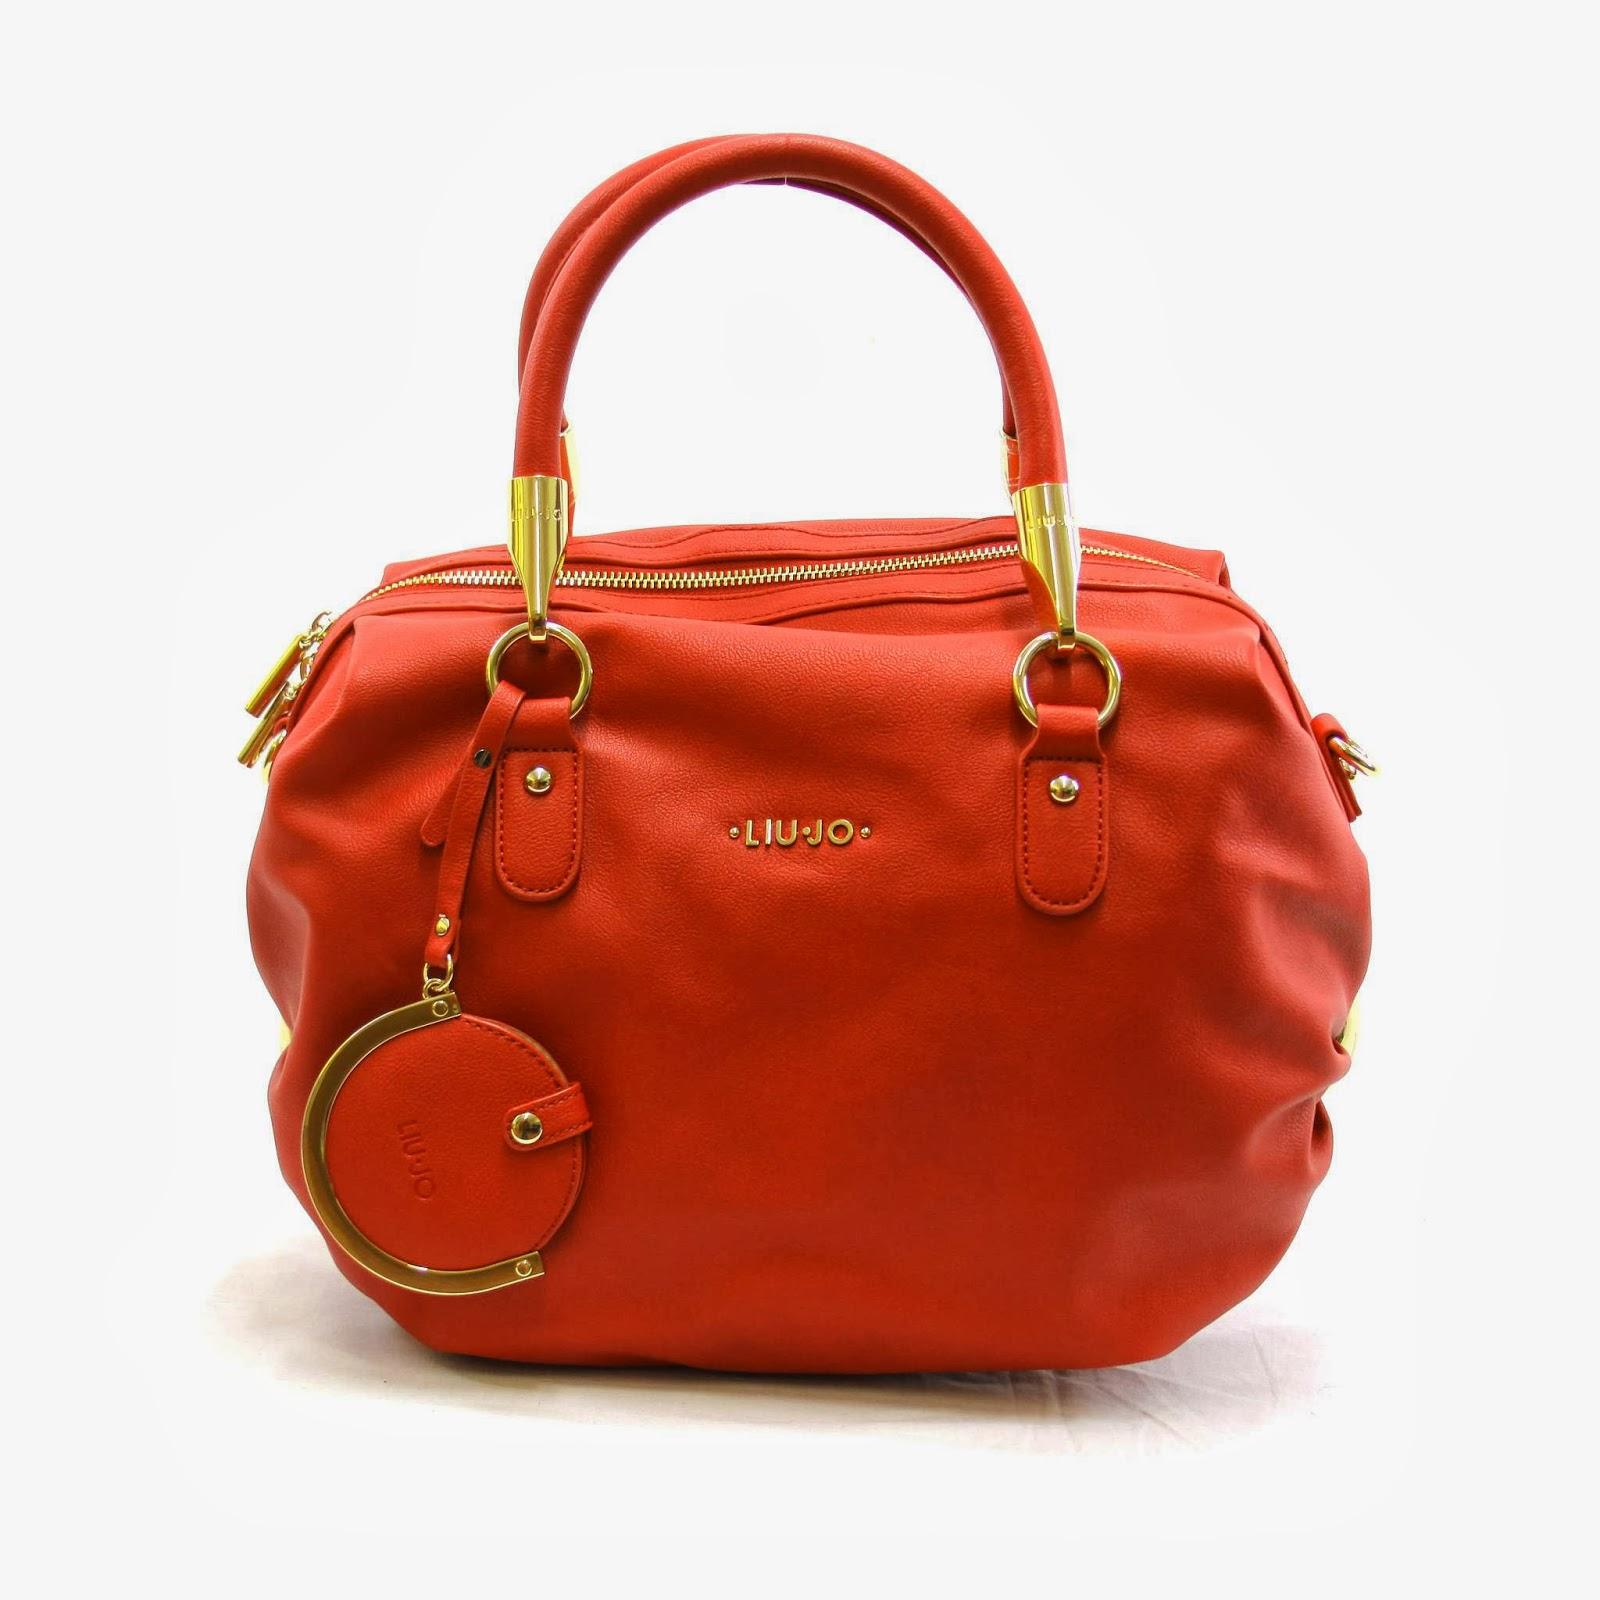 59aee6bfad96a IDEE REGALO...VEDERLI E  VOLERLI  La nuova borsa da donna secondo ...